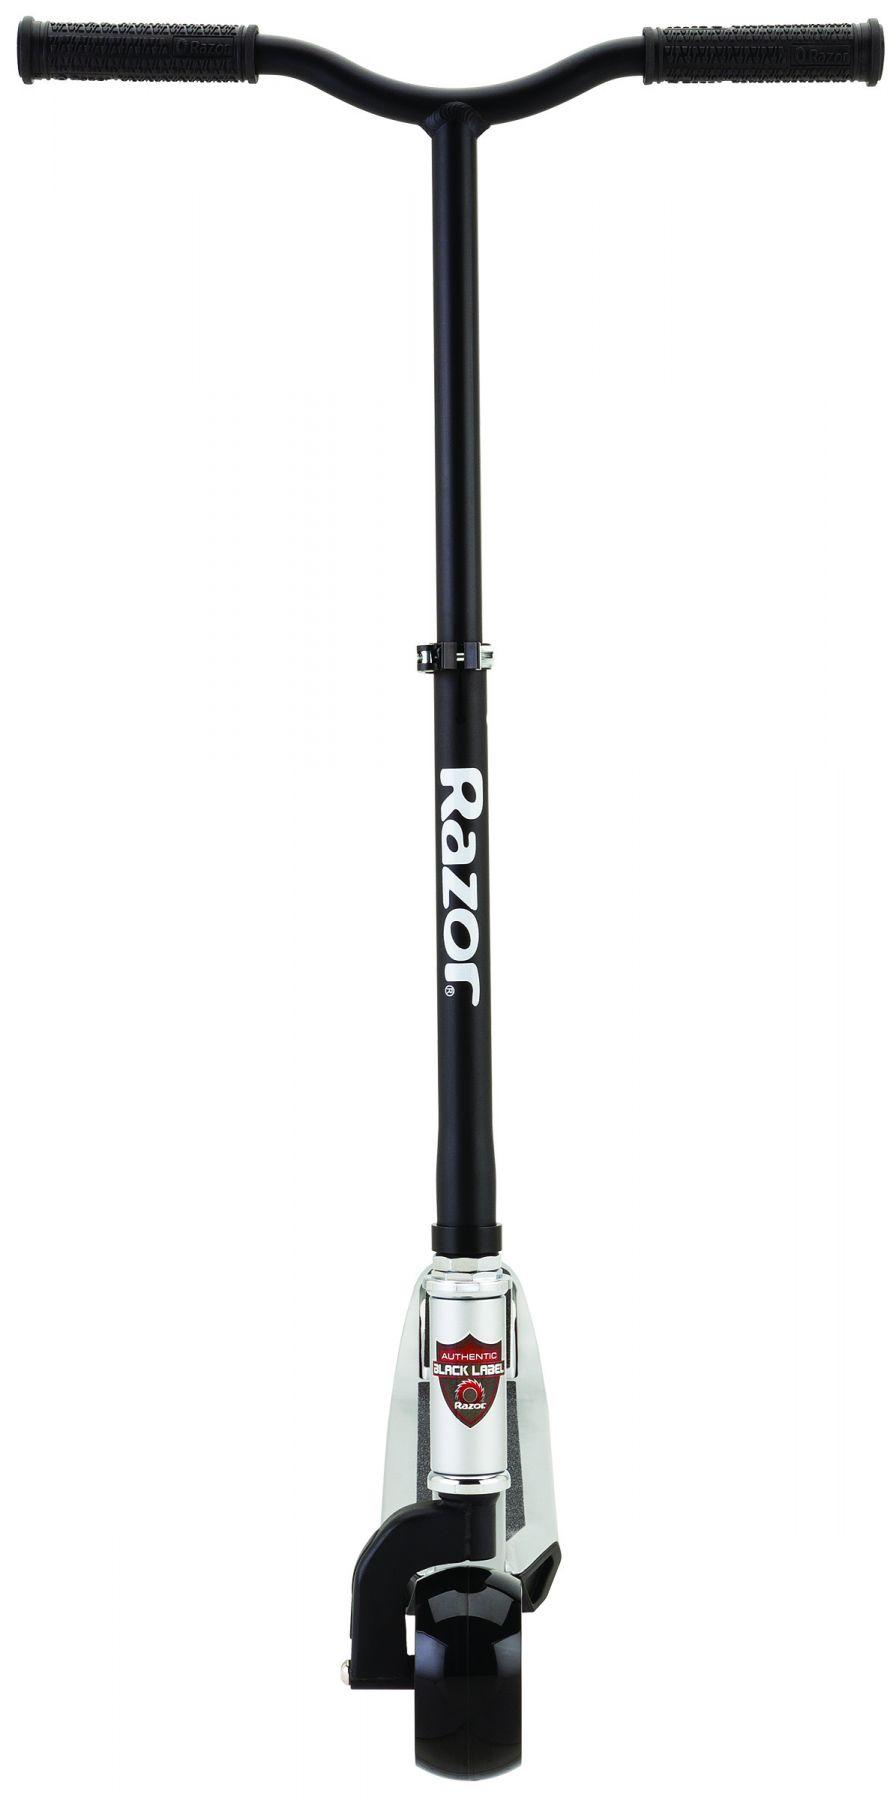 Городской самокат Razor Black Label R-Tec Scooter купить в москве